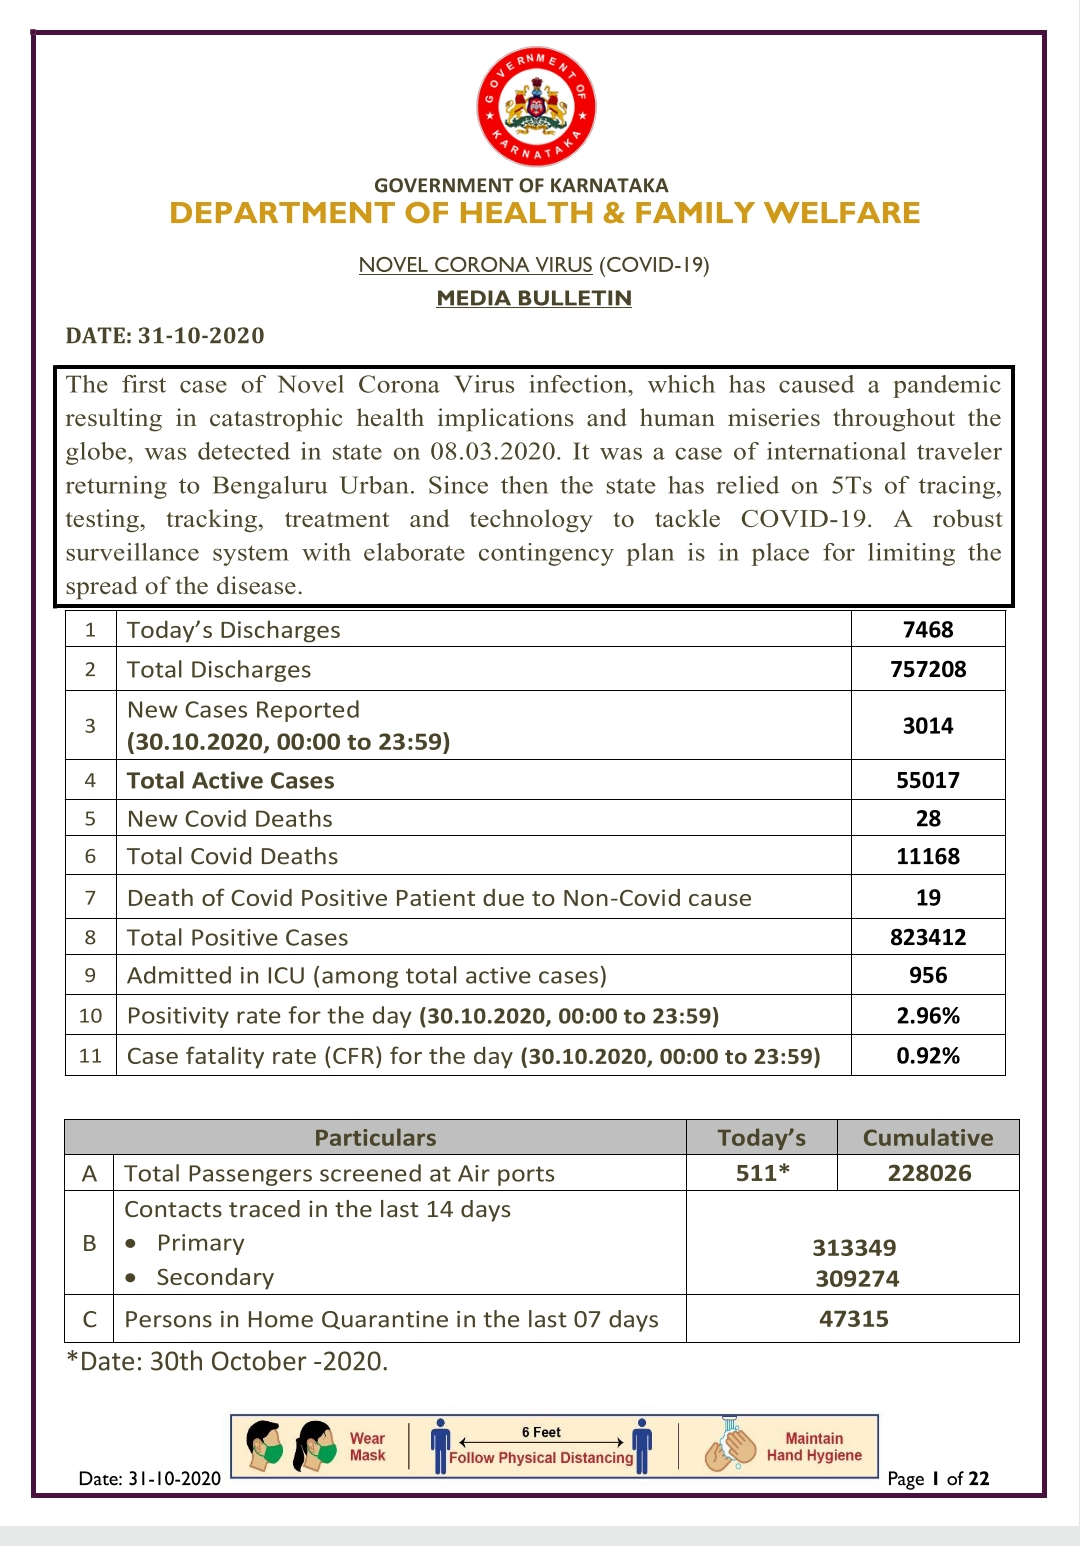 31-10-2020 Today kovid-19 health bulletin